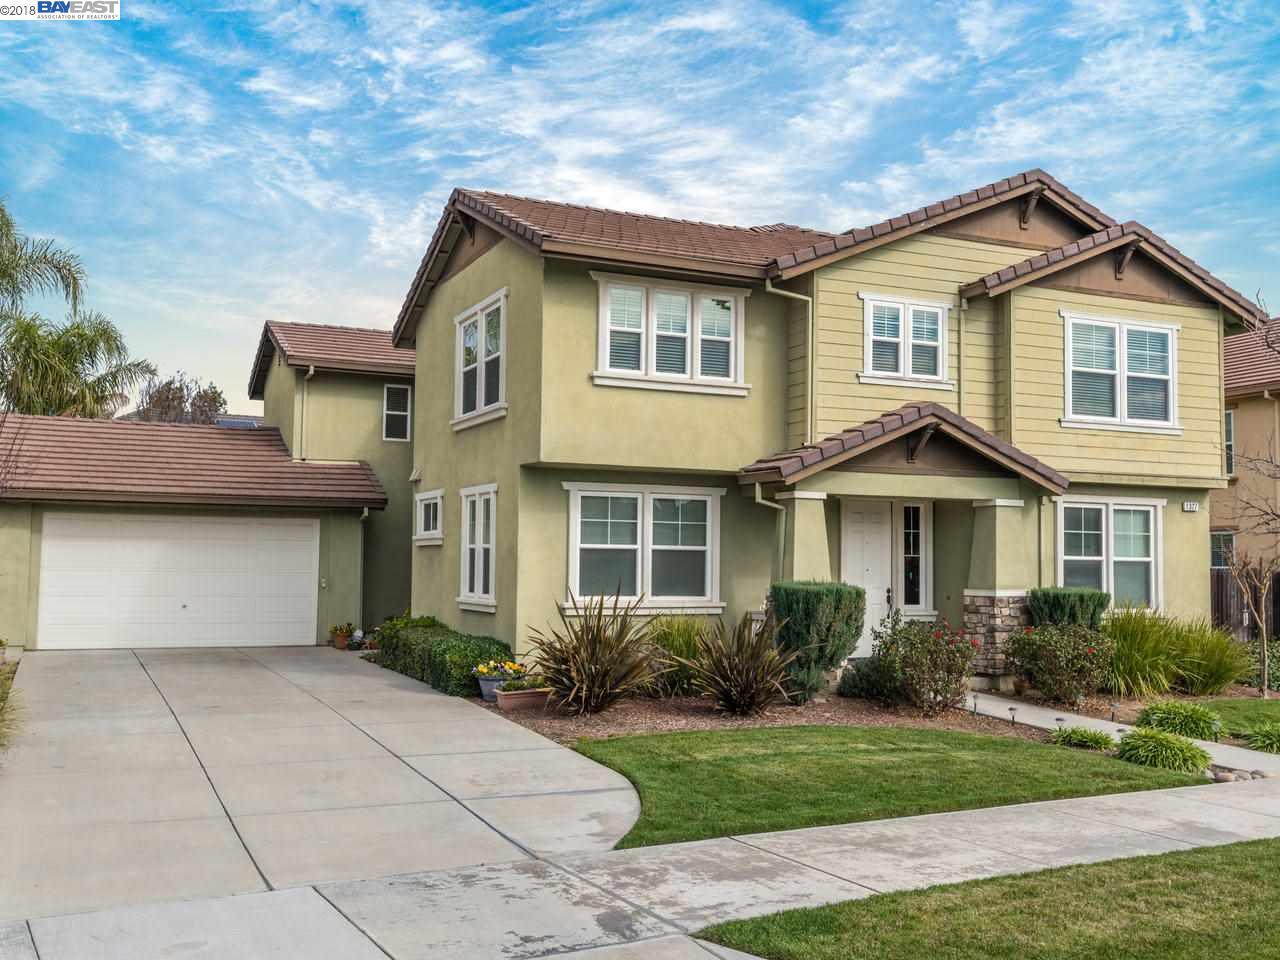 獨棟家庭住宅 為 出售 在 1327 Augusta Pointe Drive 1327 Augusta Pointe Drive Ripon, 加利福尼亞州 95366 美國